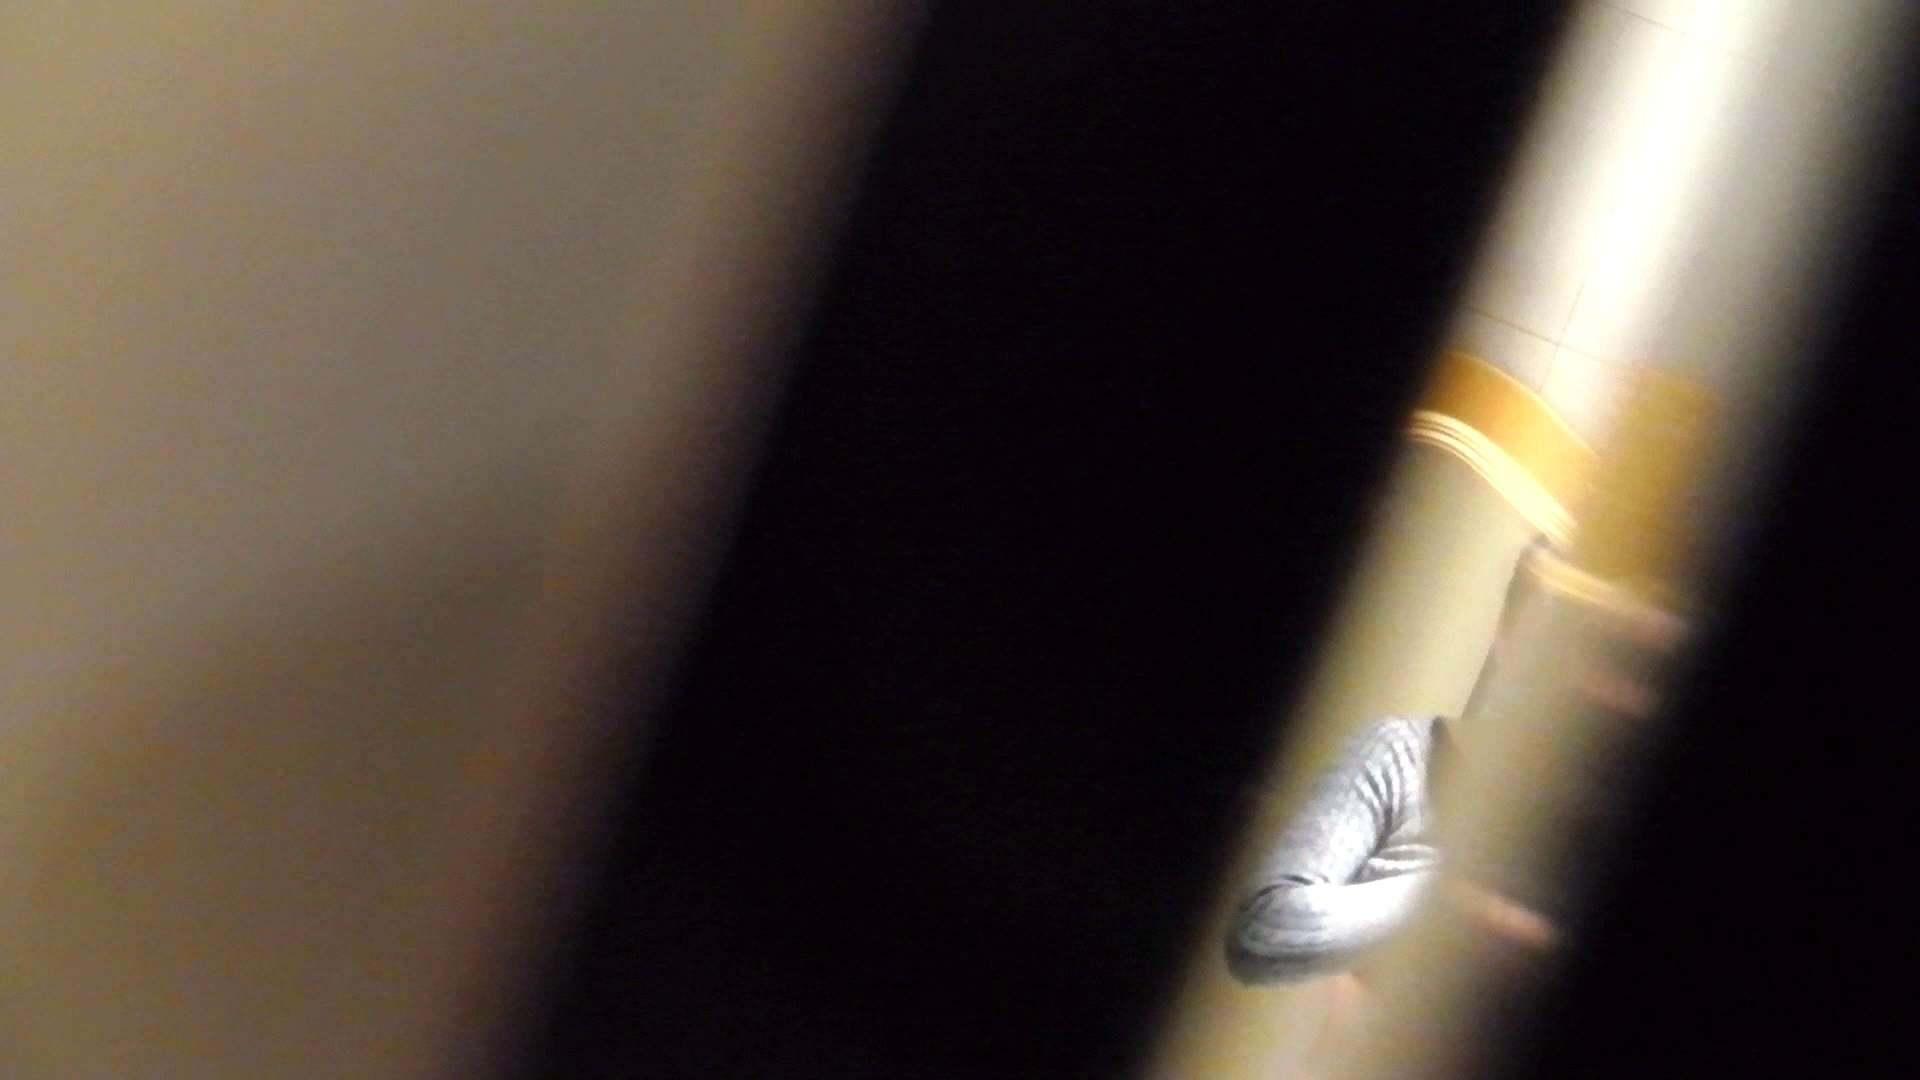 洗寿観音さんの 化粧室は四面楚歌Nol.4 洗面所 | 色っぽいOL達  104pic 45